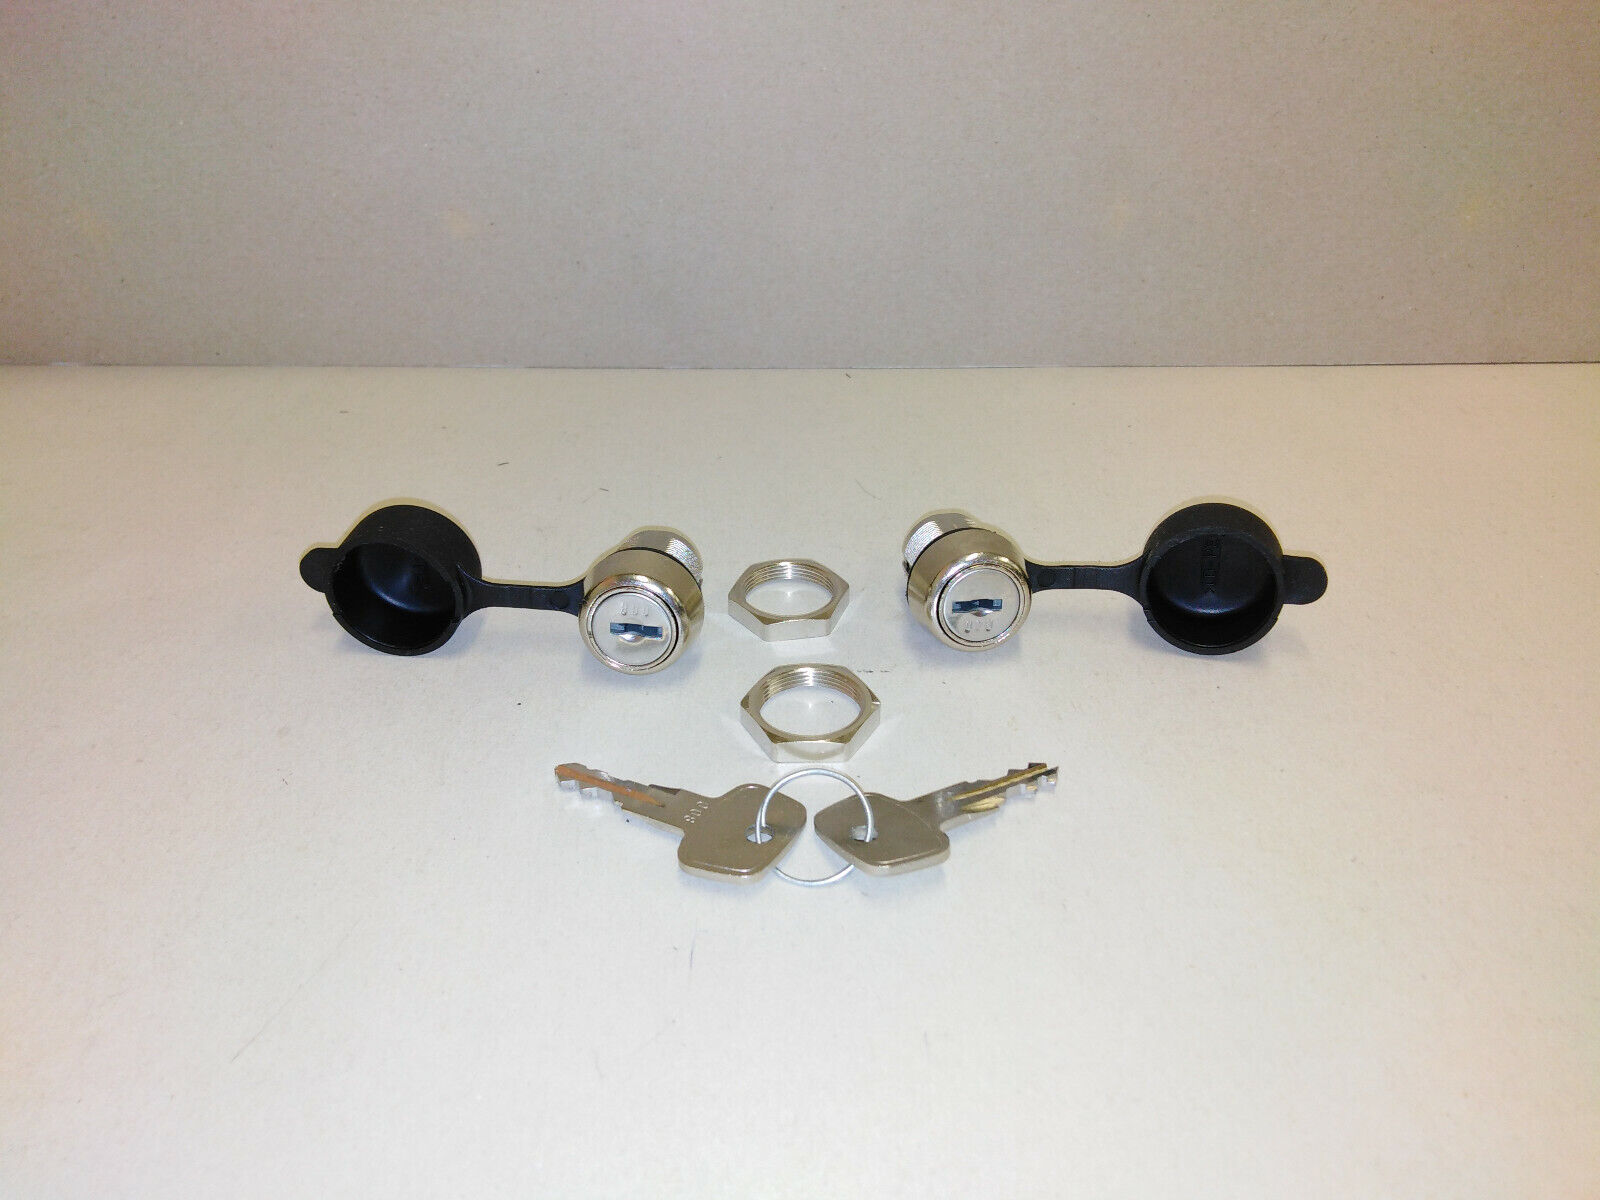 Kamei 52587 - Schloss 2 Stk. inkl. Kappen Schlüssel für verschiedene Dachboxen